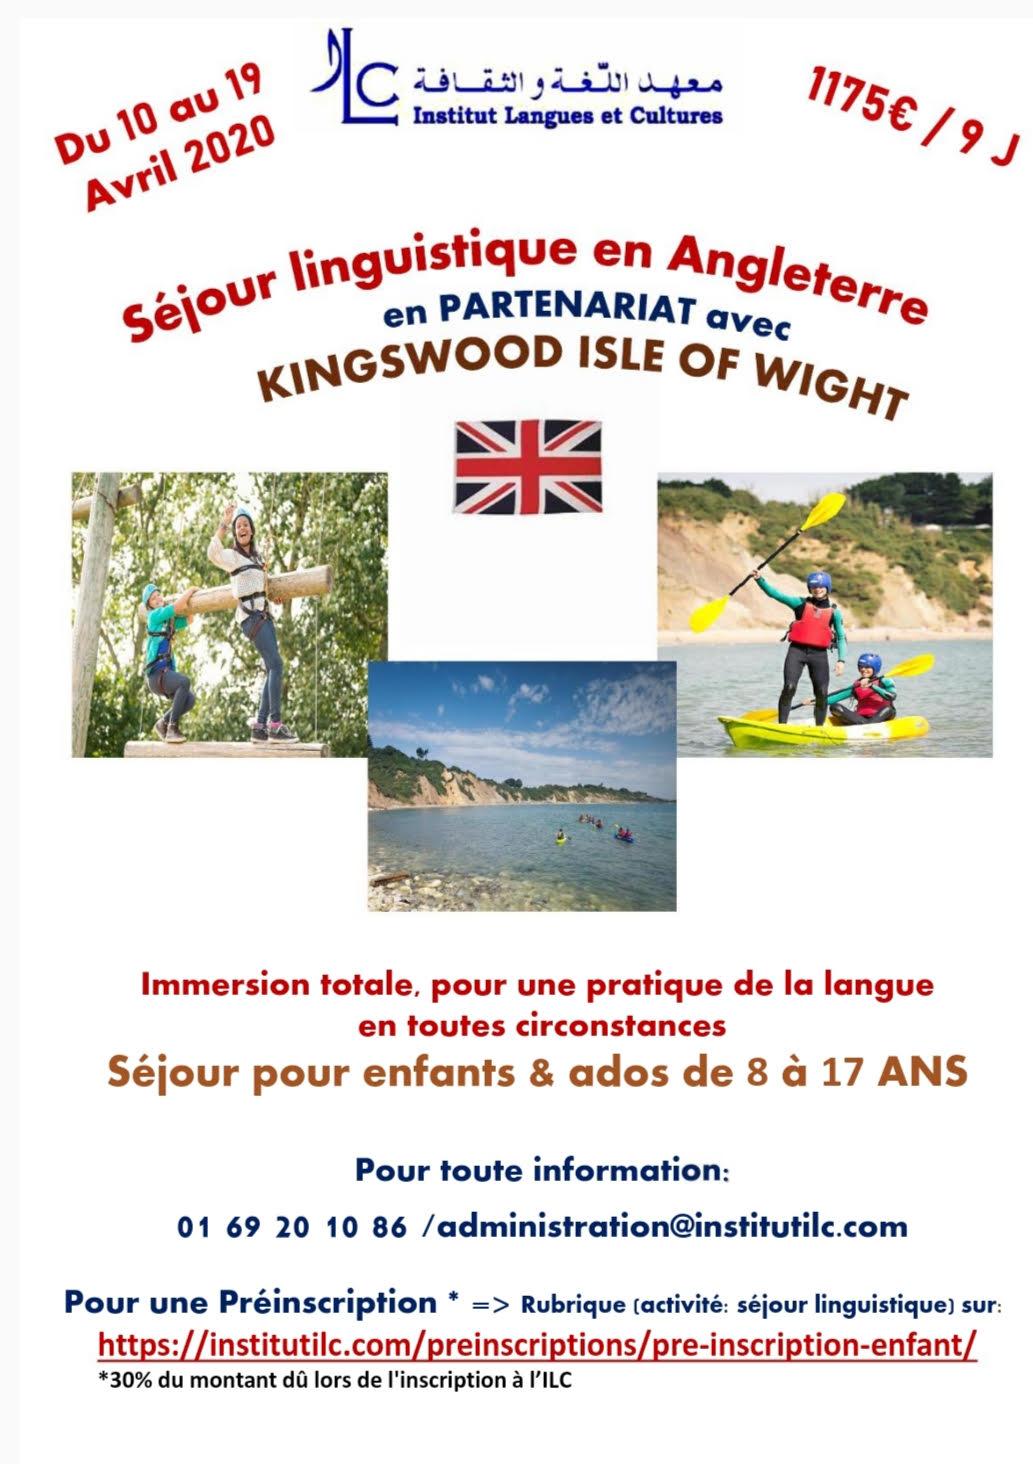 Séjour linguistique Angleterre